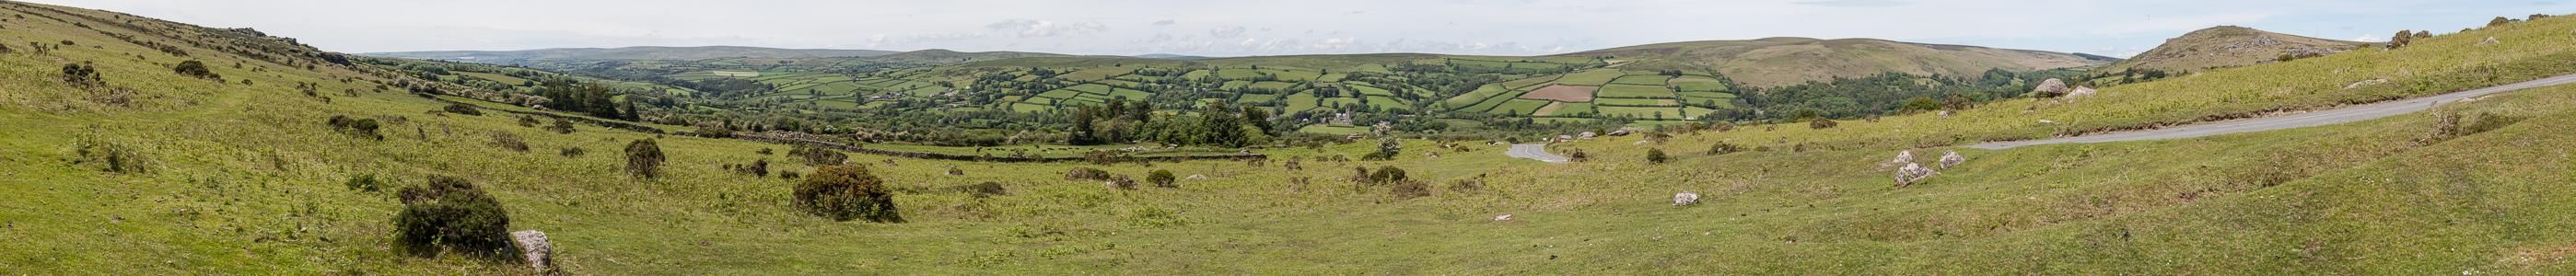 Dartmoor National Park Dartmoor, Widecombe-in-the-Moor